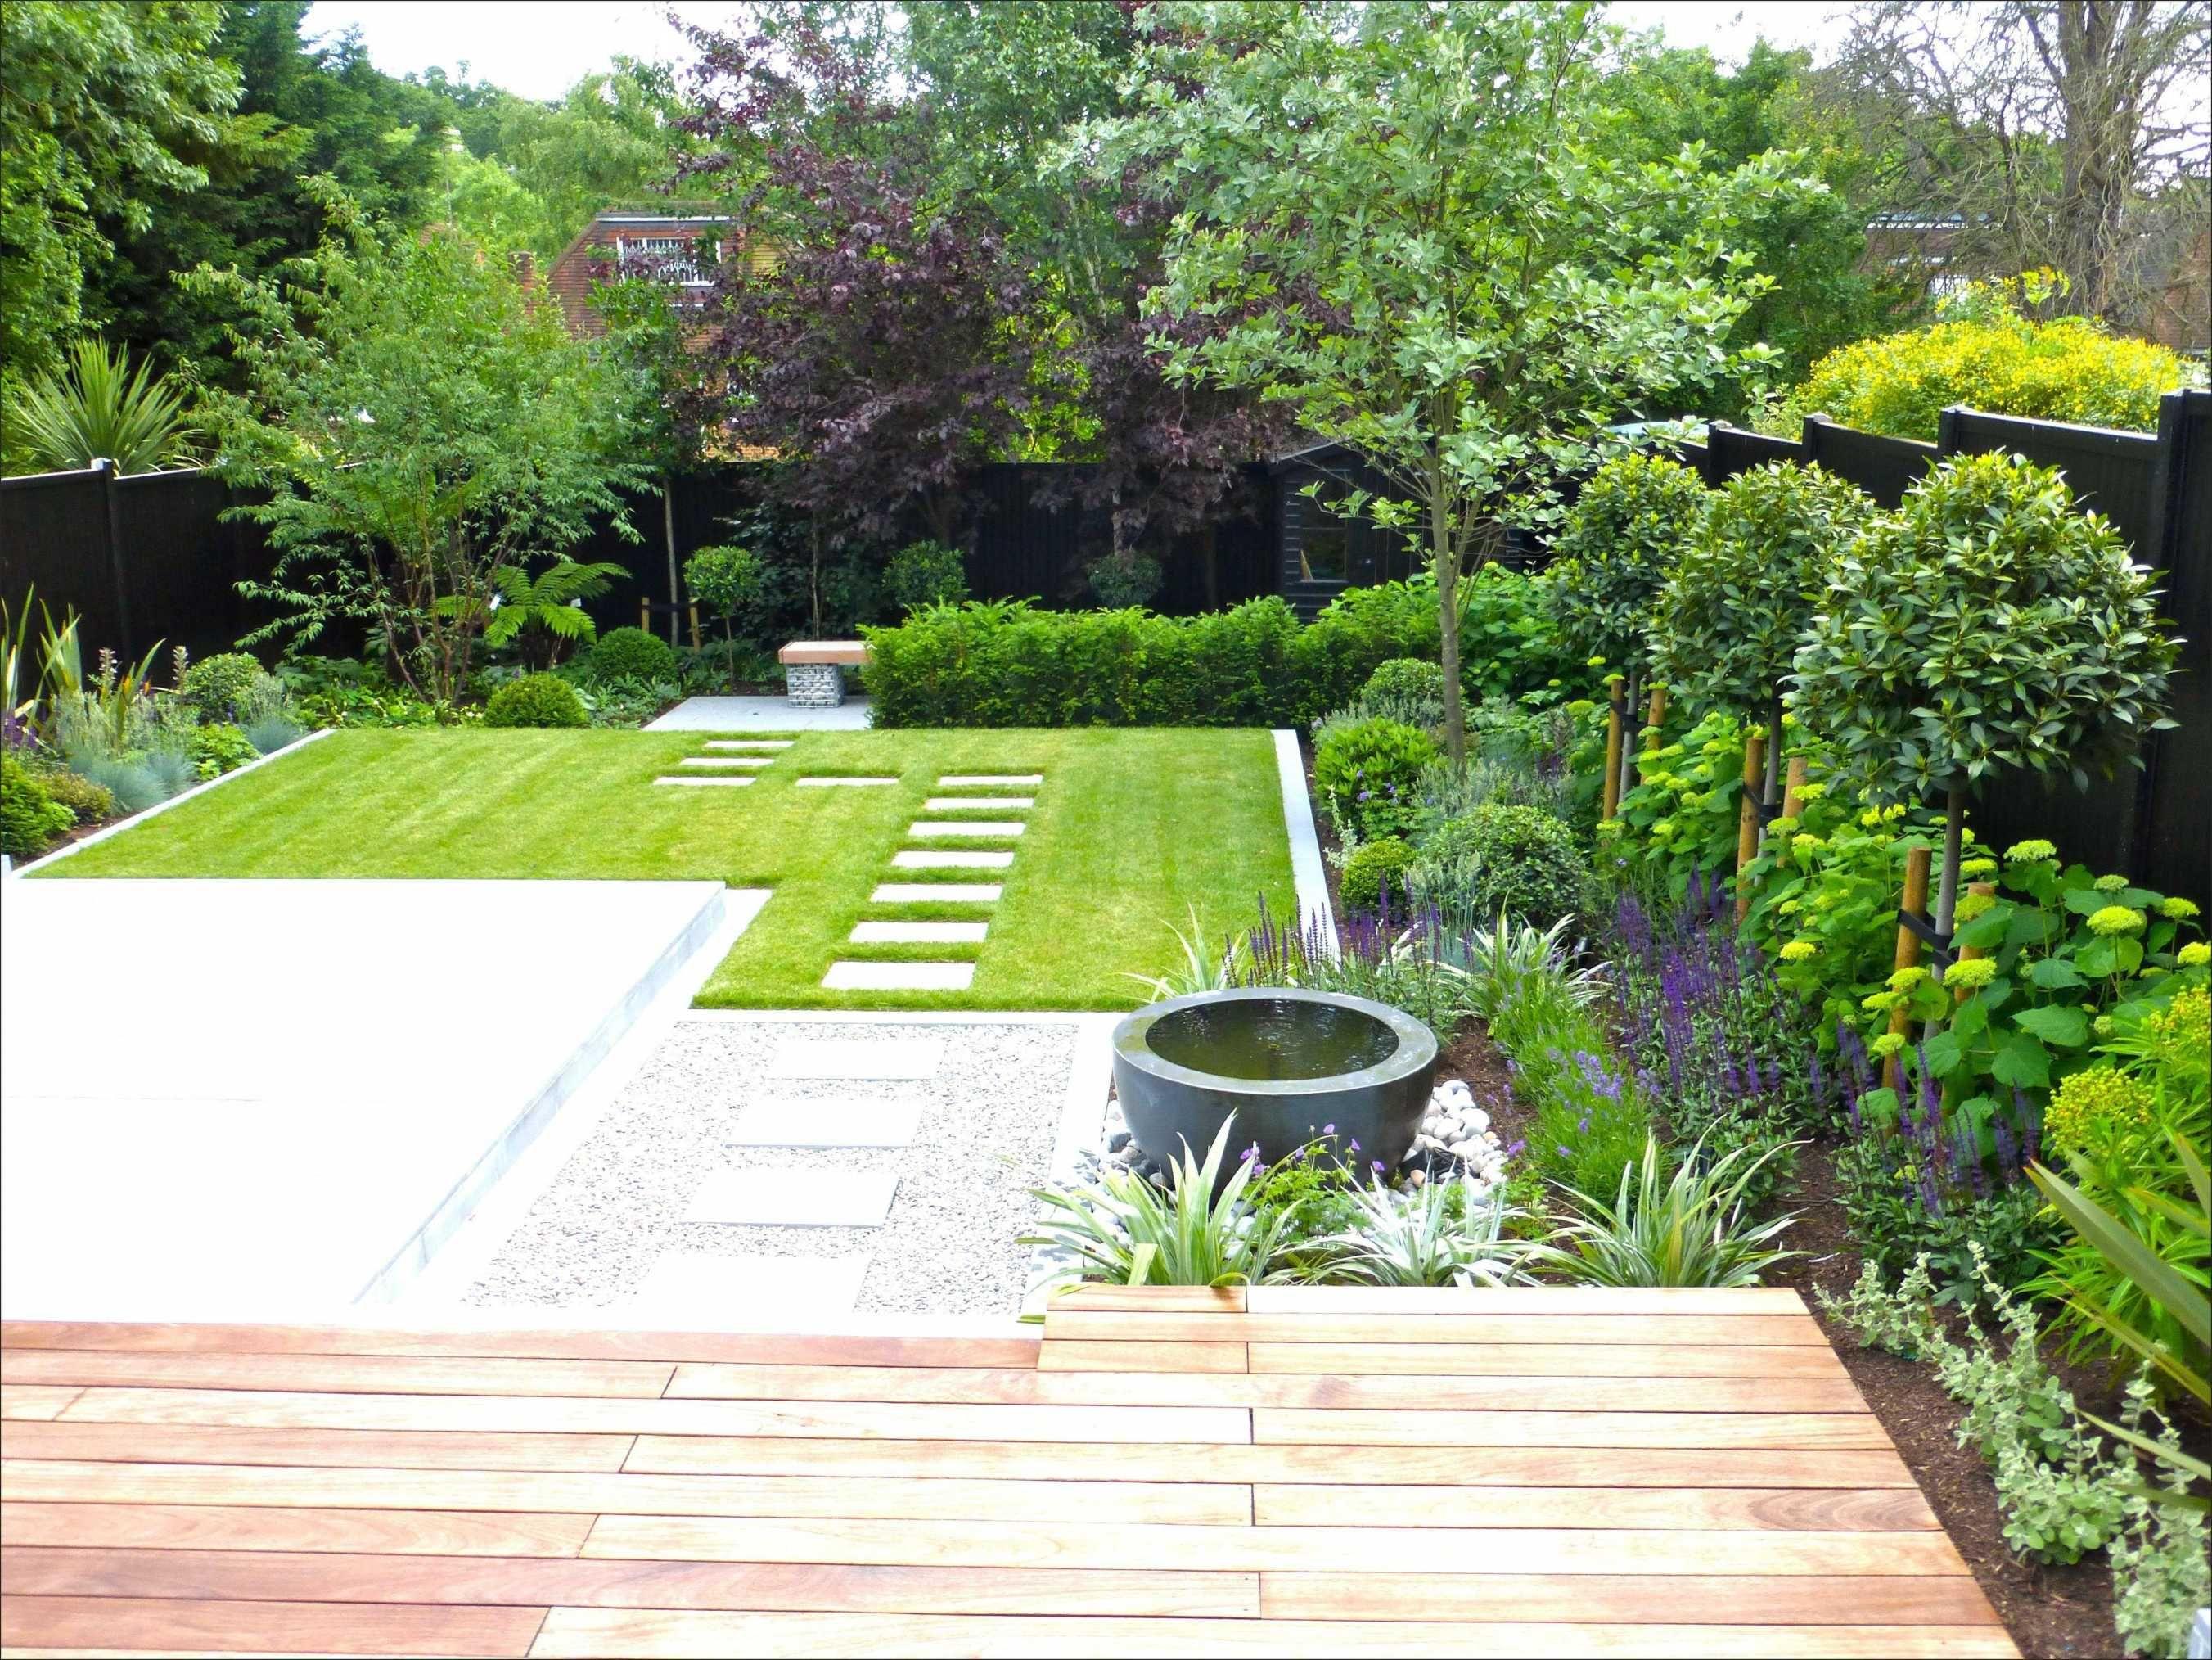 Zierbrunnen Fur Den Garten 27 Schon Was Ist Harte Best Gartengestaltung Fur Kleine Garten 27 Small Backyard Landscaping Garden Landscape Design Garden Layout